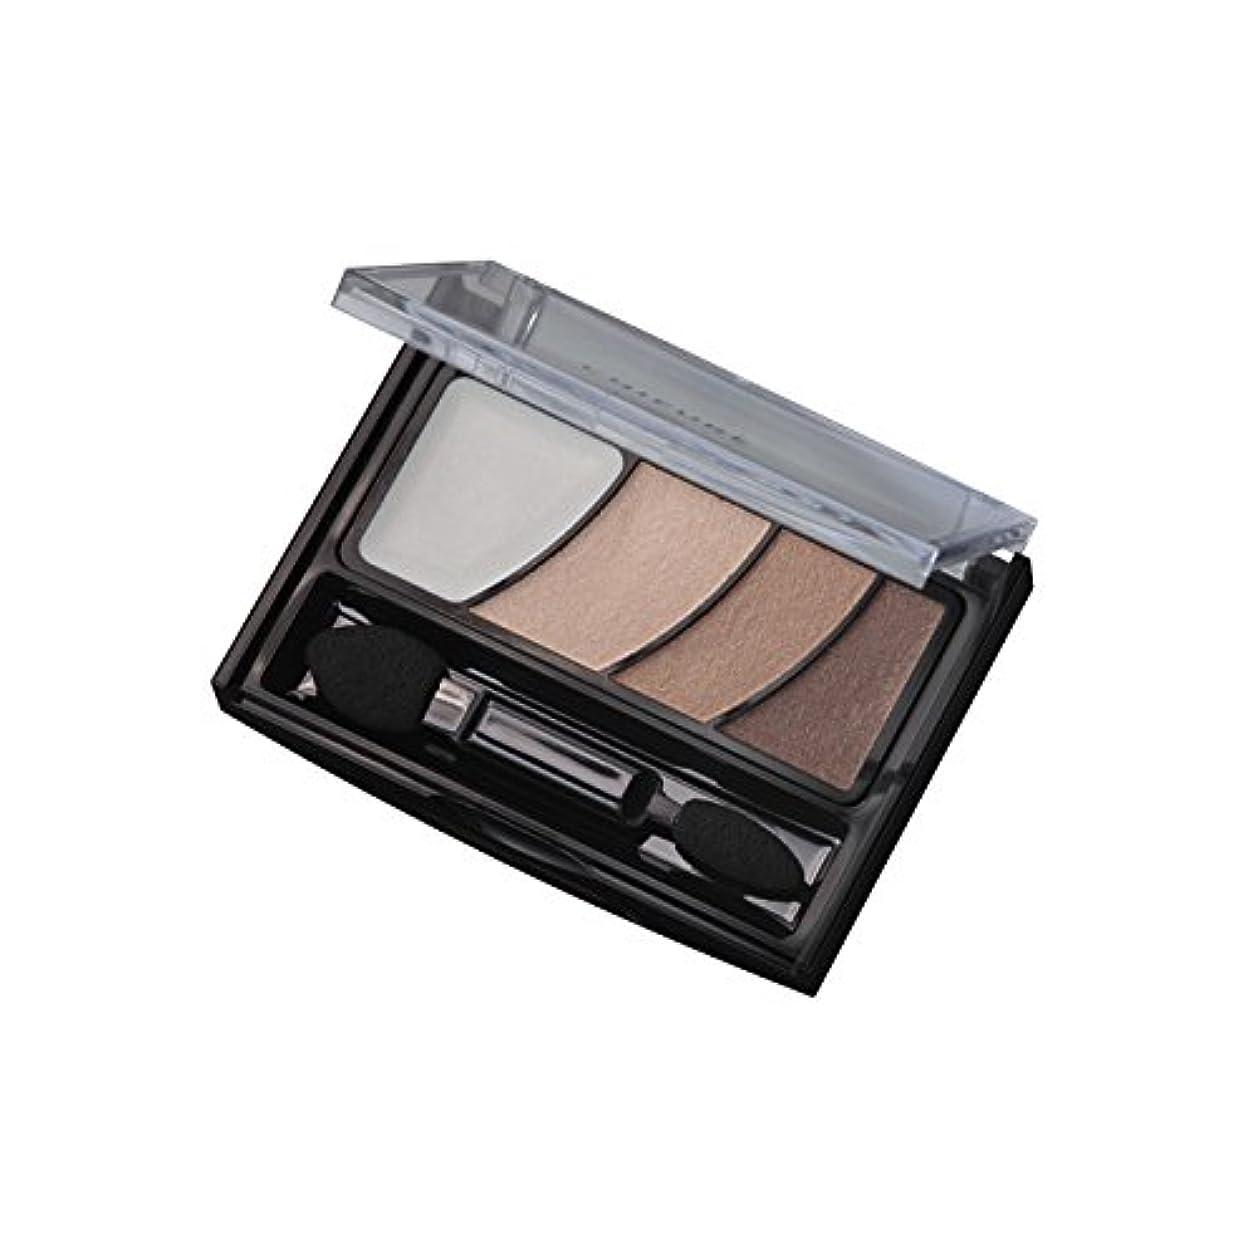 修正する計算するハンサムちふれ化粧品 グラデーション アイ カラー(チップ付) ブラウン系 アイカラー74